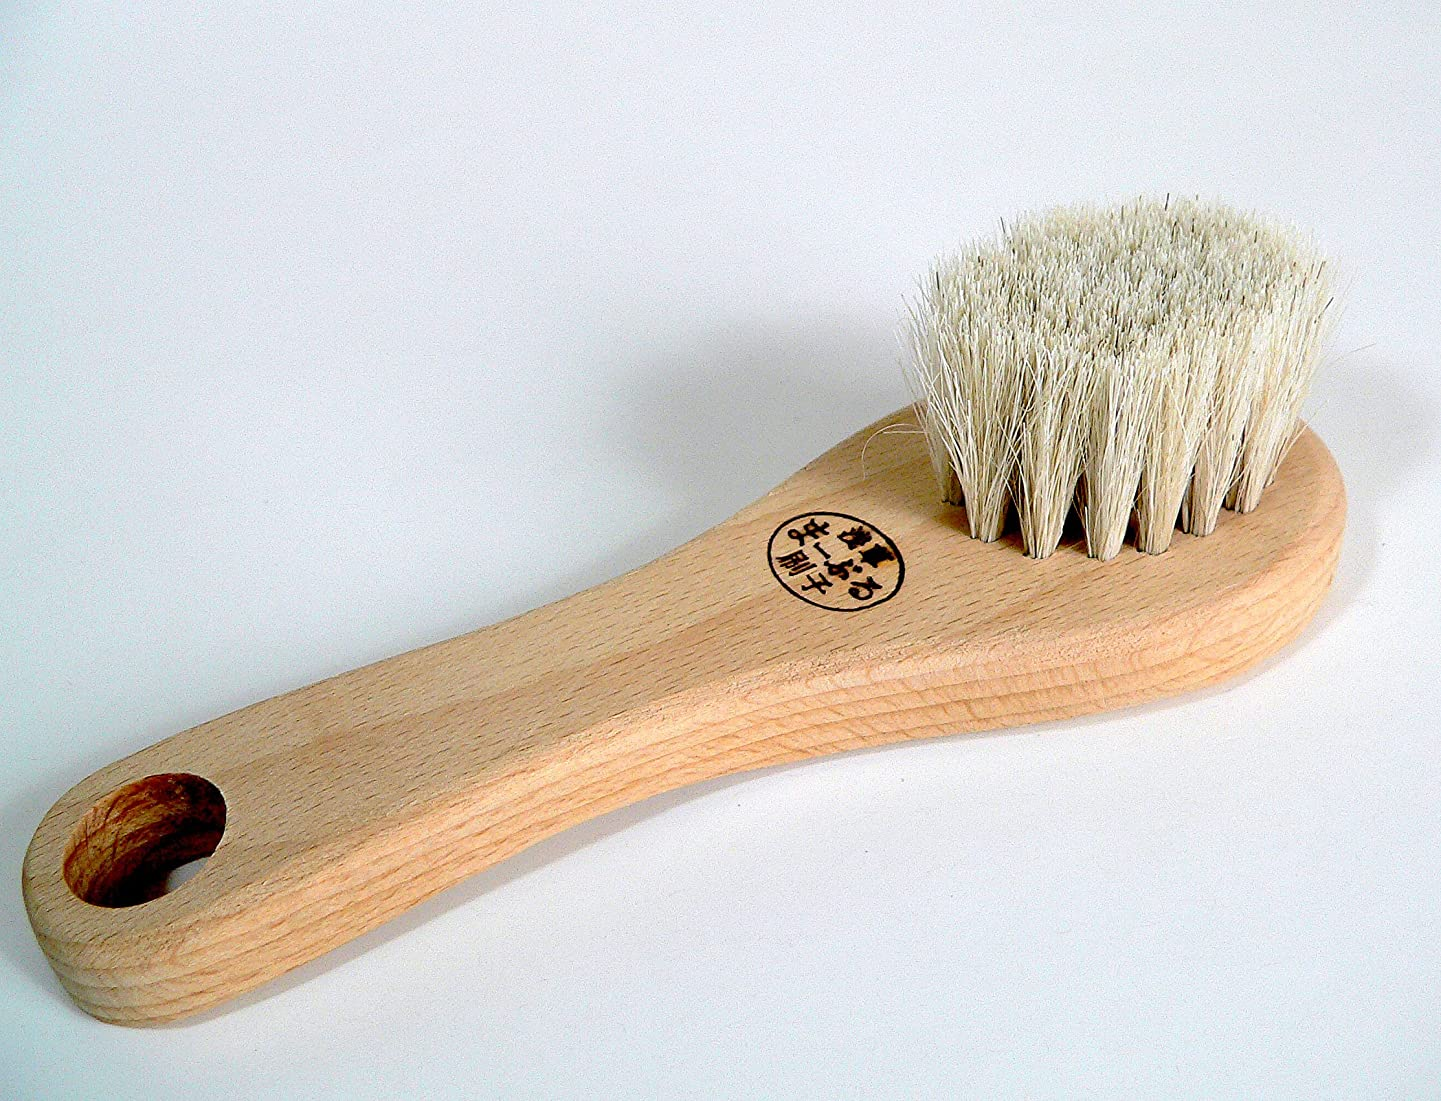 セクタウェイトレス財政【まーぶる刷子】 フェイスブラシ 白馬毛使用! ※洗顔用ブラシです。